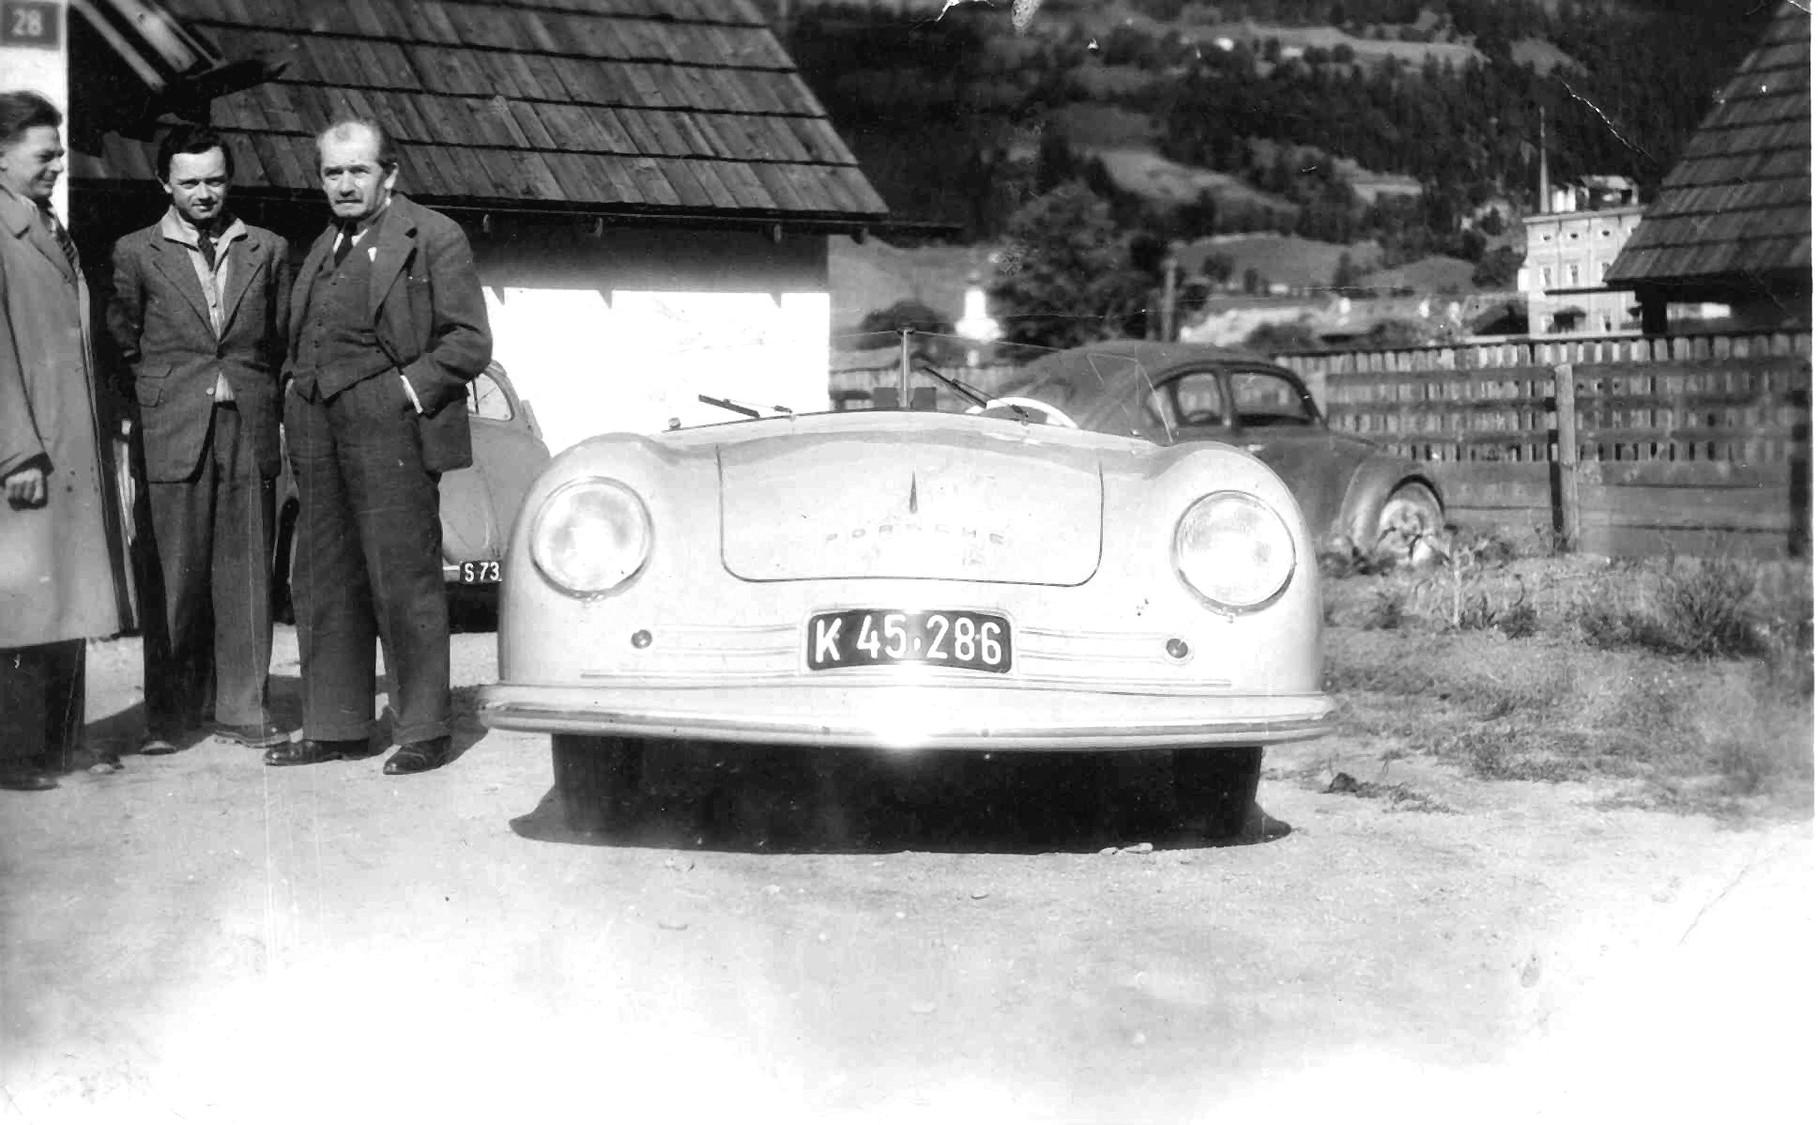 Erwin Komenda, Ferry and Ferdinand Porsche and Porsche Nr. 1 in Gmünd